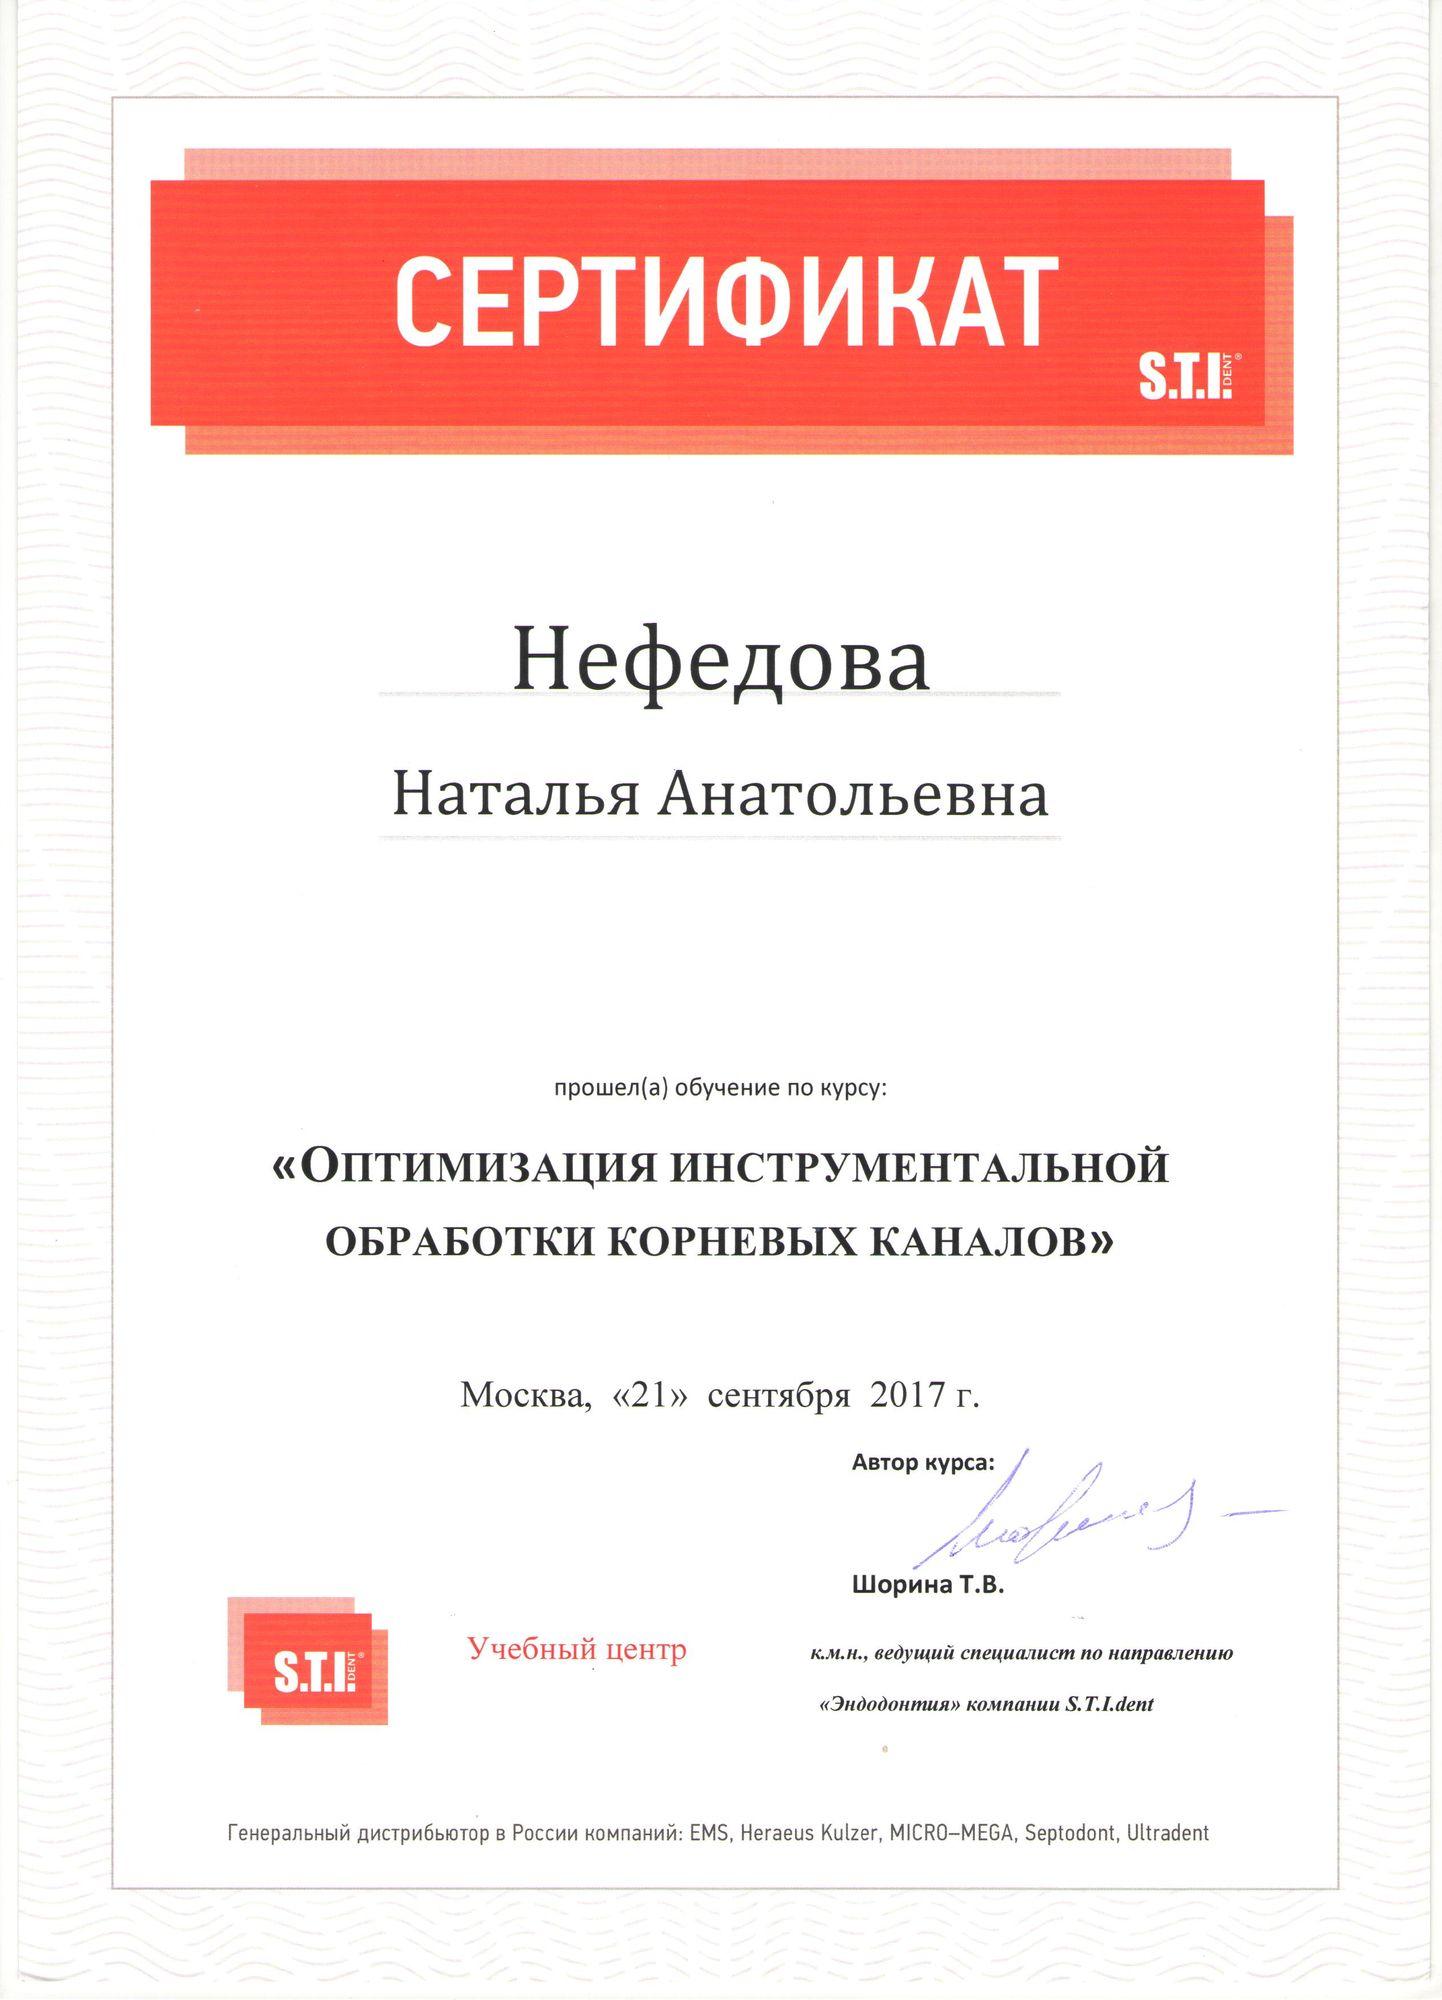 Нефедова_сертификаты_13